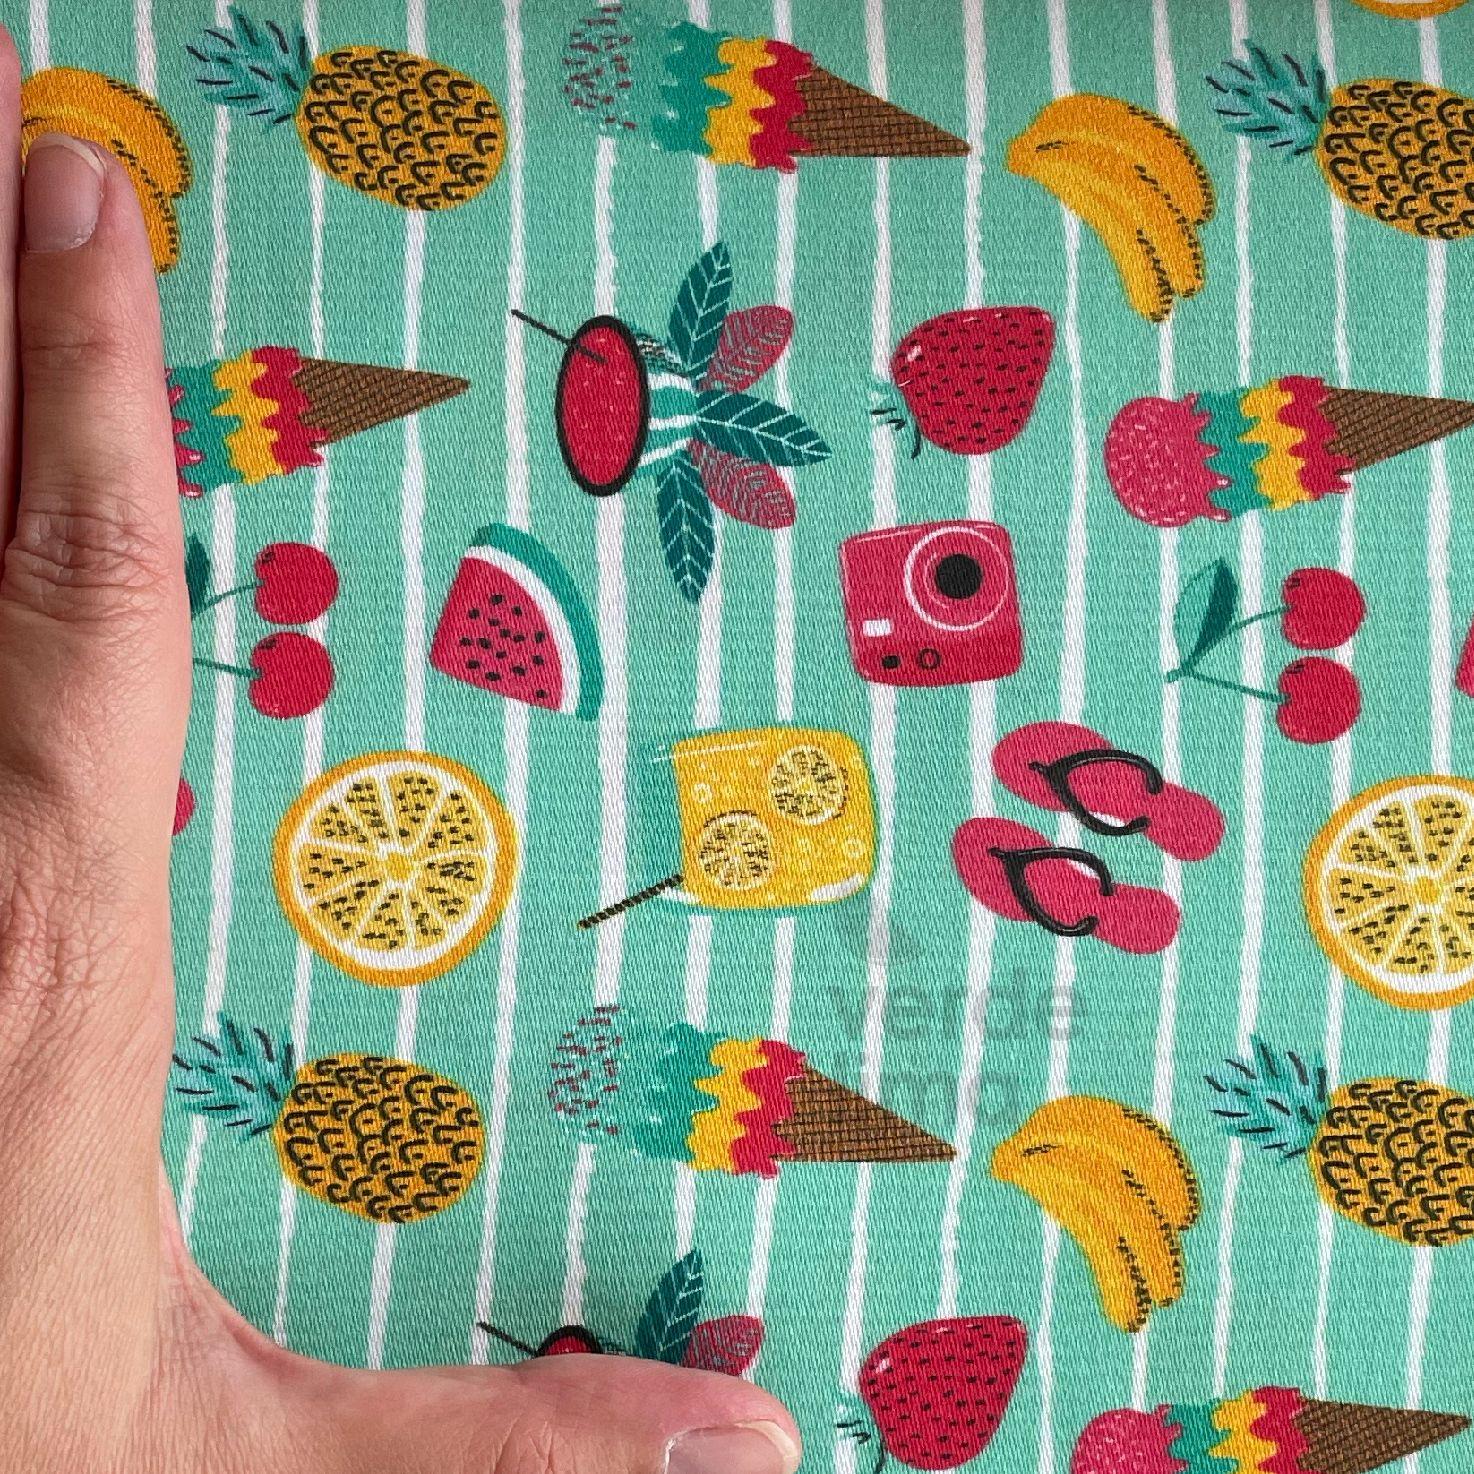 Fruity Summer - Frutas e gelados